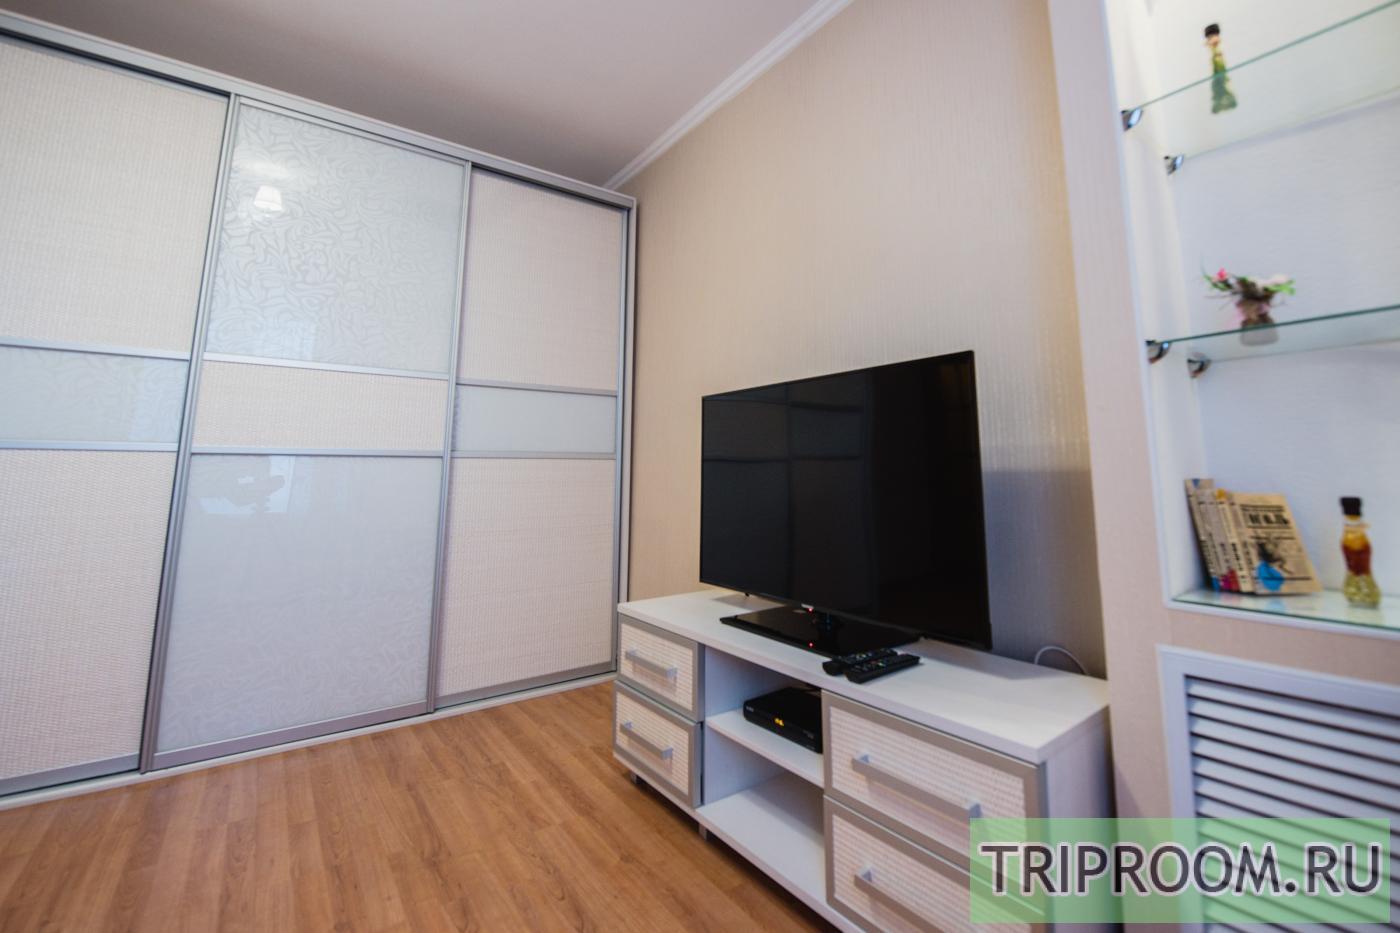 2-комнатная квартира посуточно (вариант № 14781), ул. Твардовского улица, фото № 1